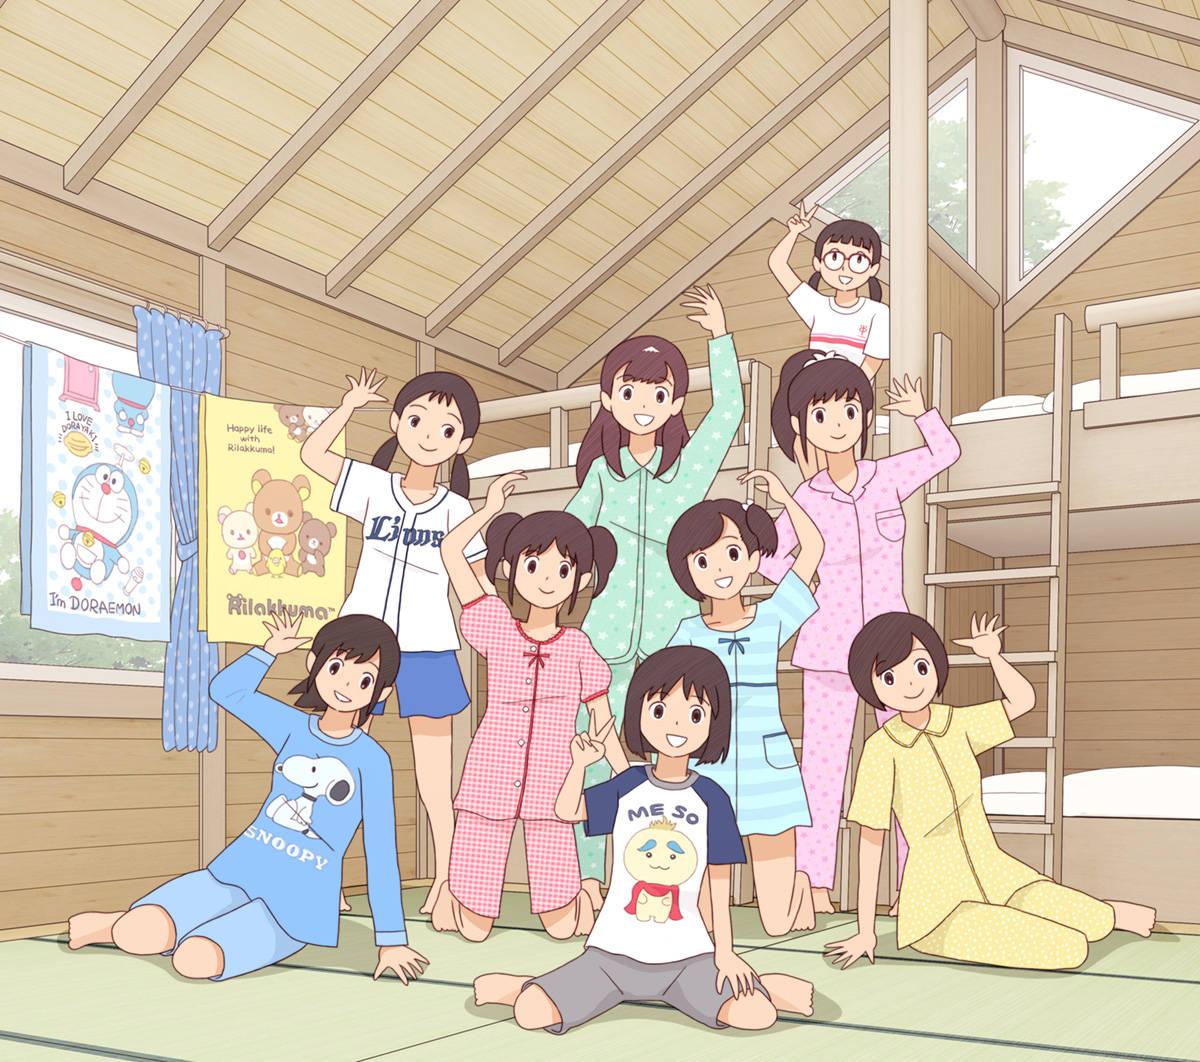 """日本画师笔下的""""青春期""""热评却是:太日本了!高中生才不这样插图"""